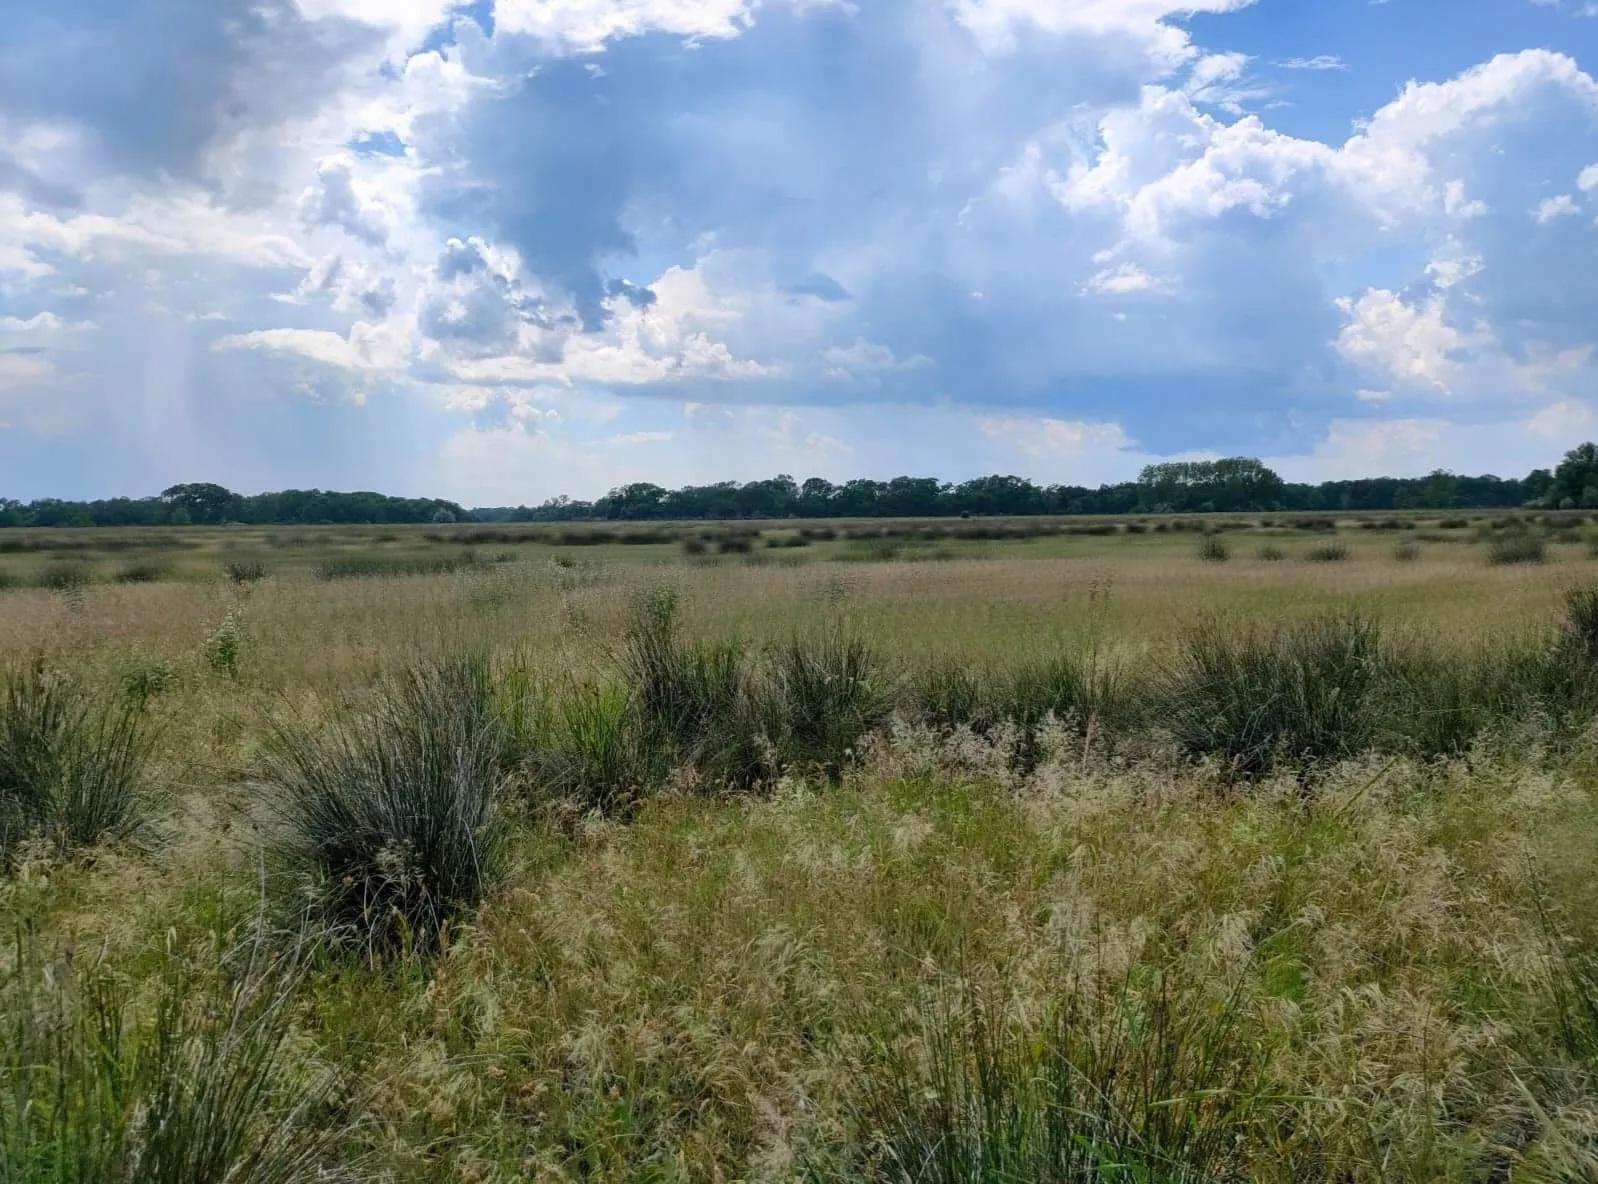 Pădurile Letea și Caraorman au regim special în Delta Dunării